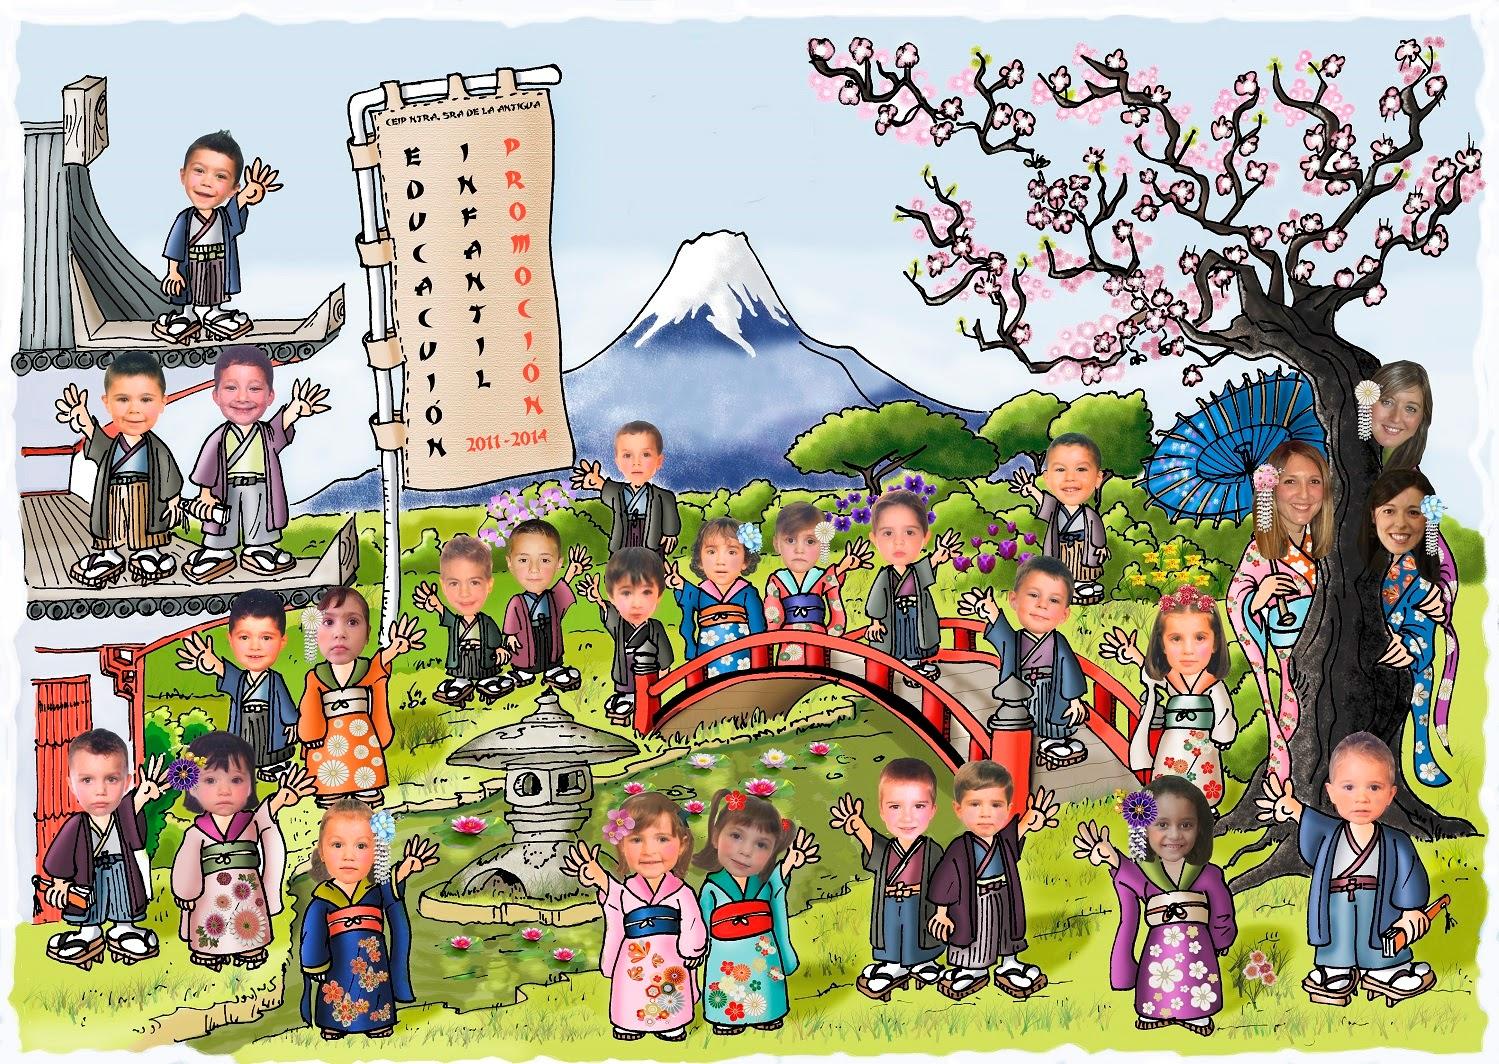 El monstruito en monteagudo orlas - Dibujos infantiles originales ...